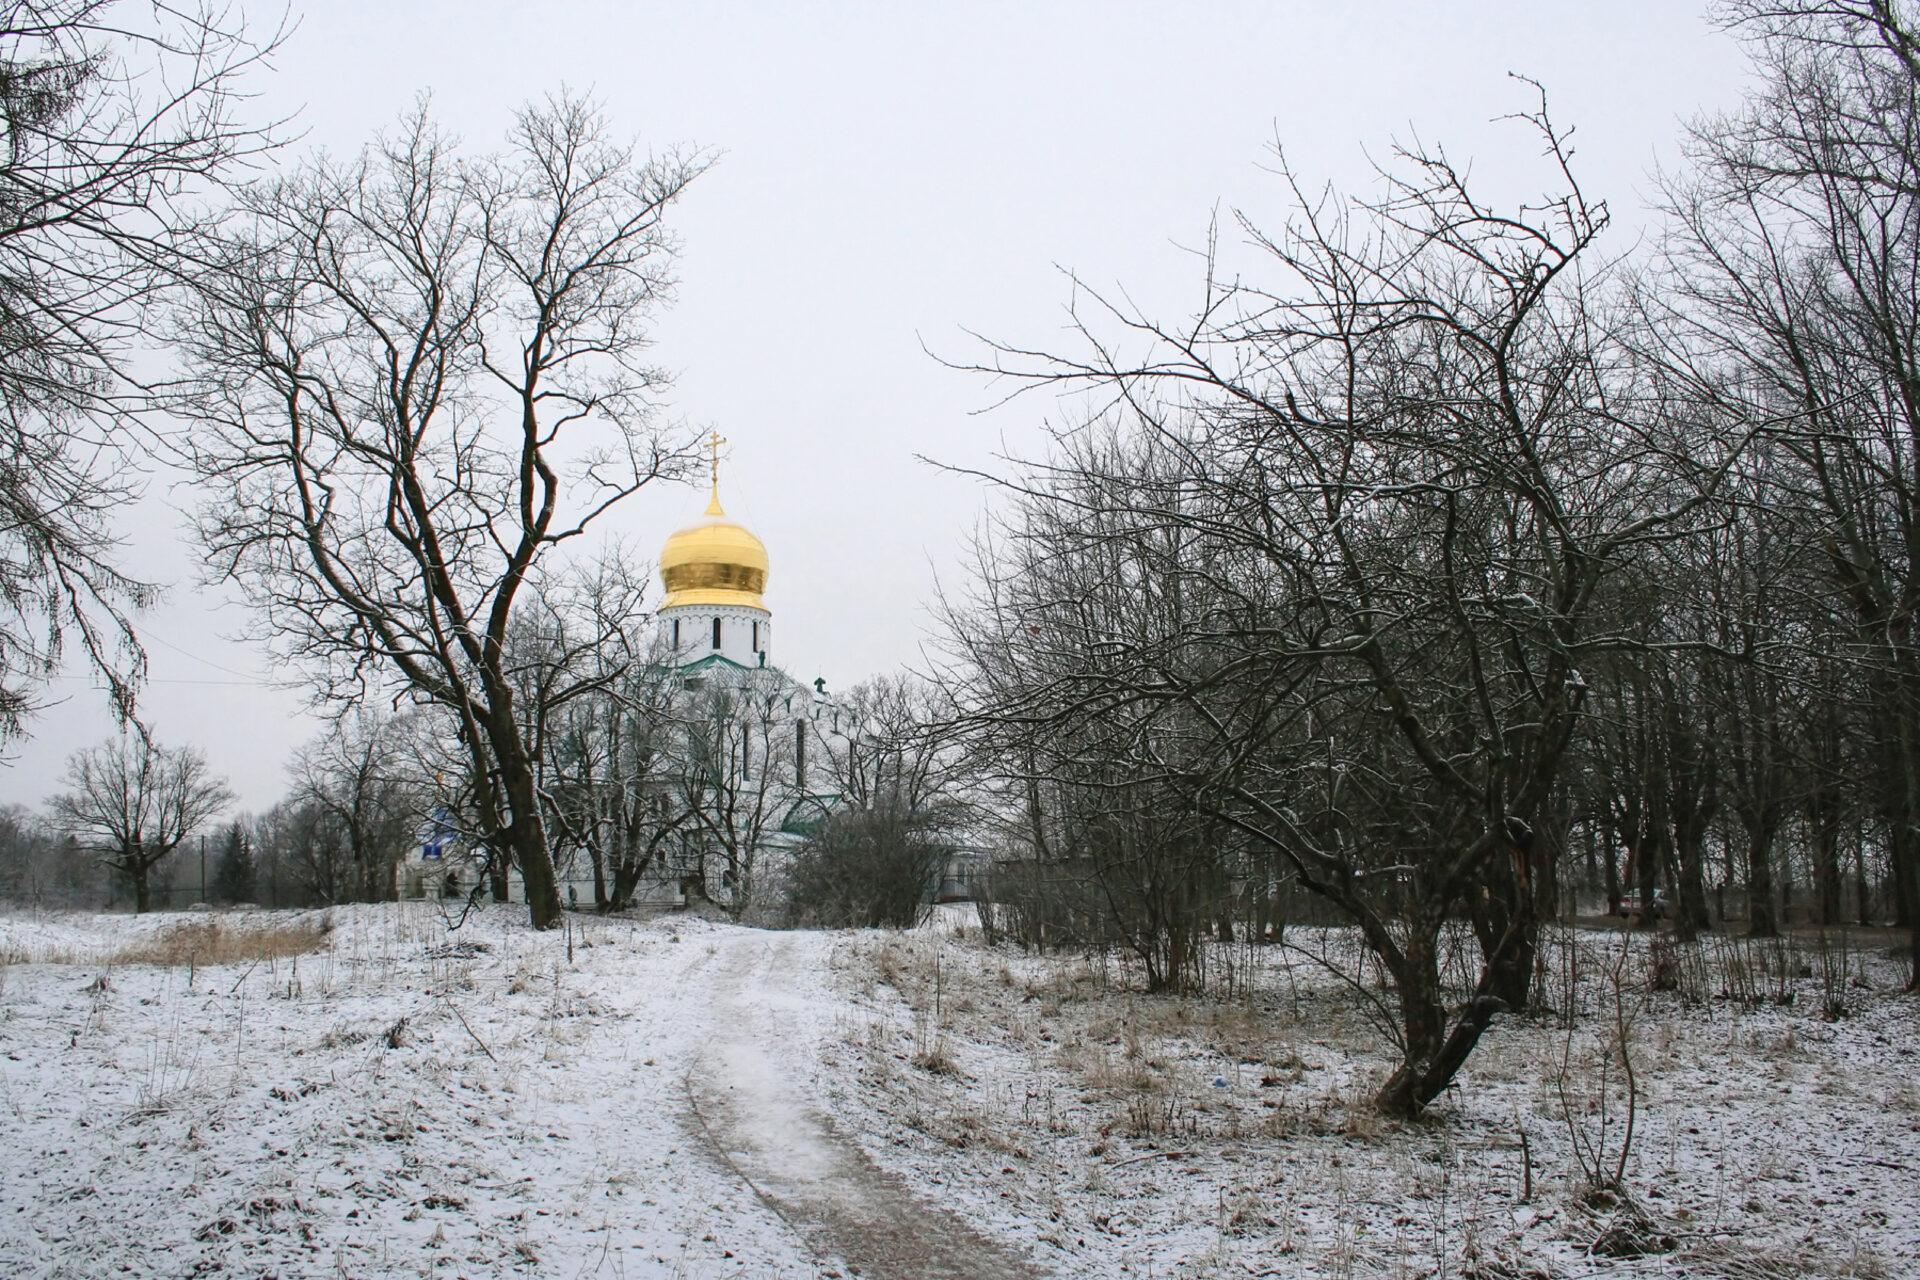 Царское Село (Пушкин) Зима, иней, мороз исолнце.